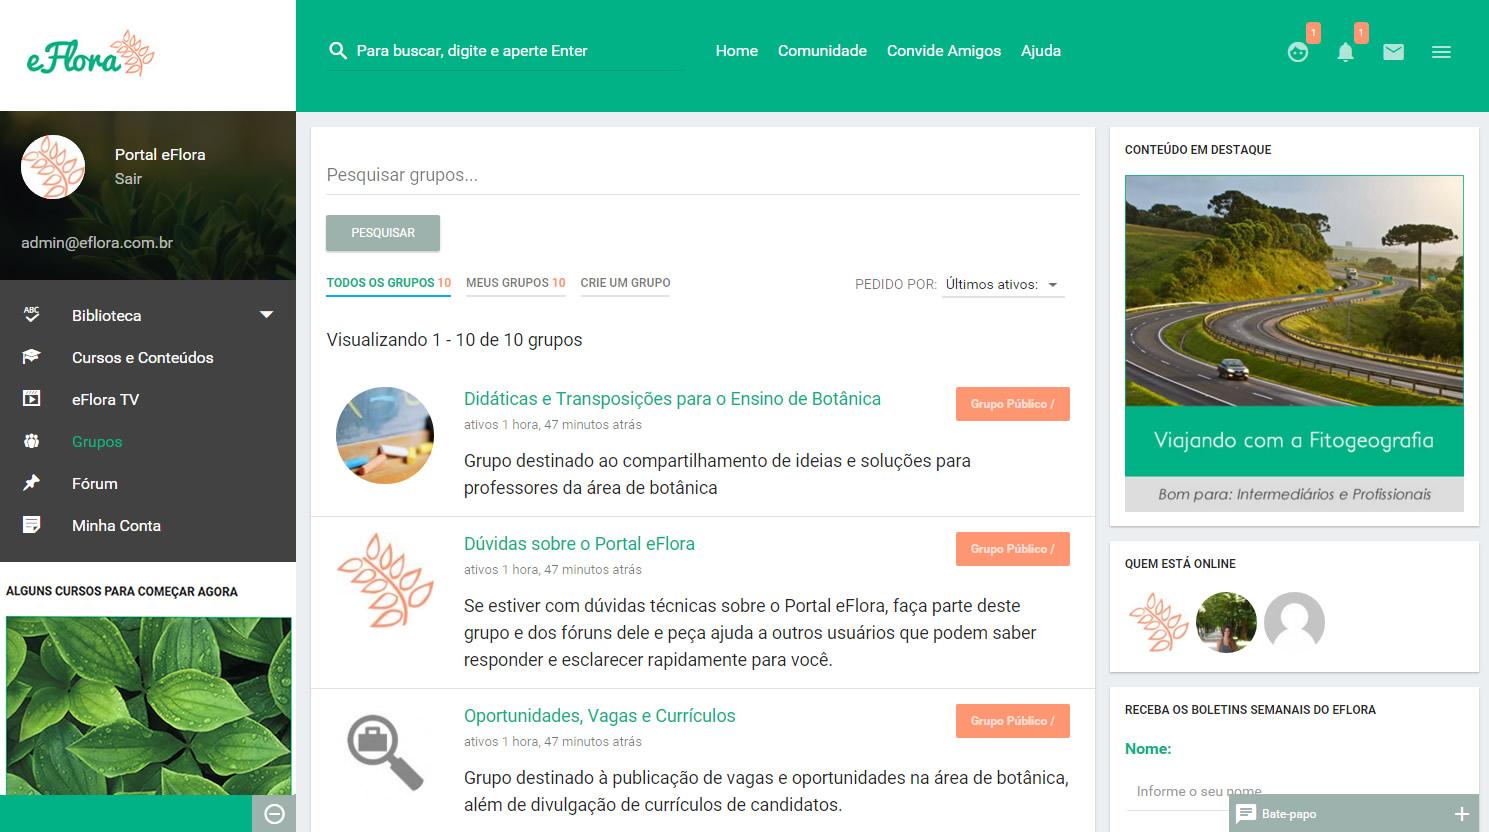 Educação ambiental online